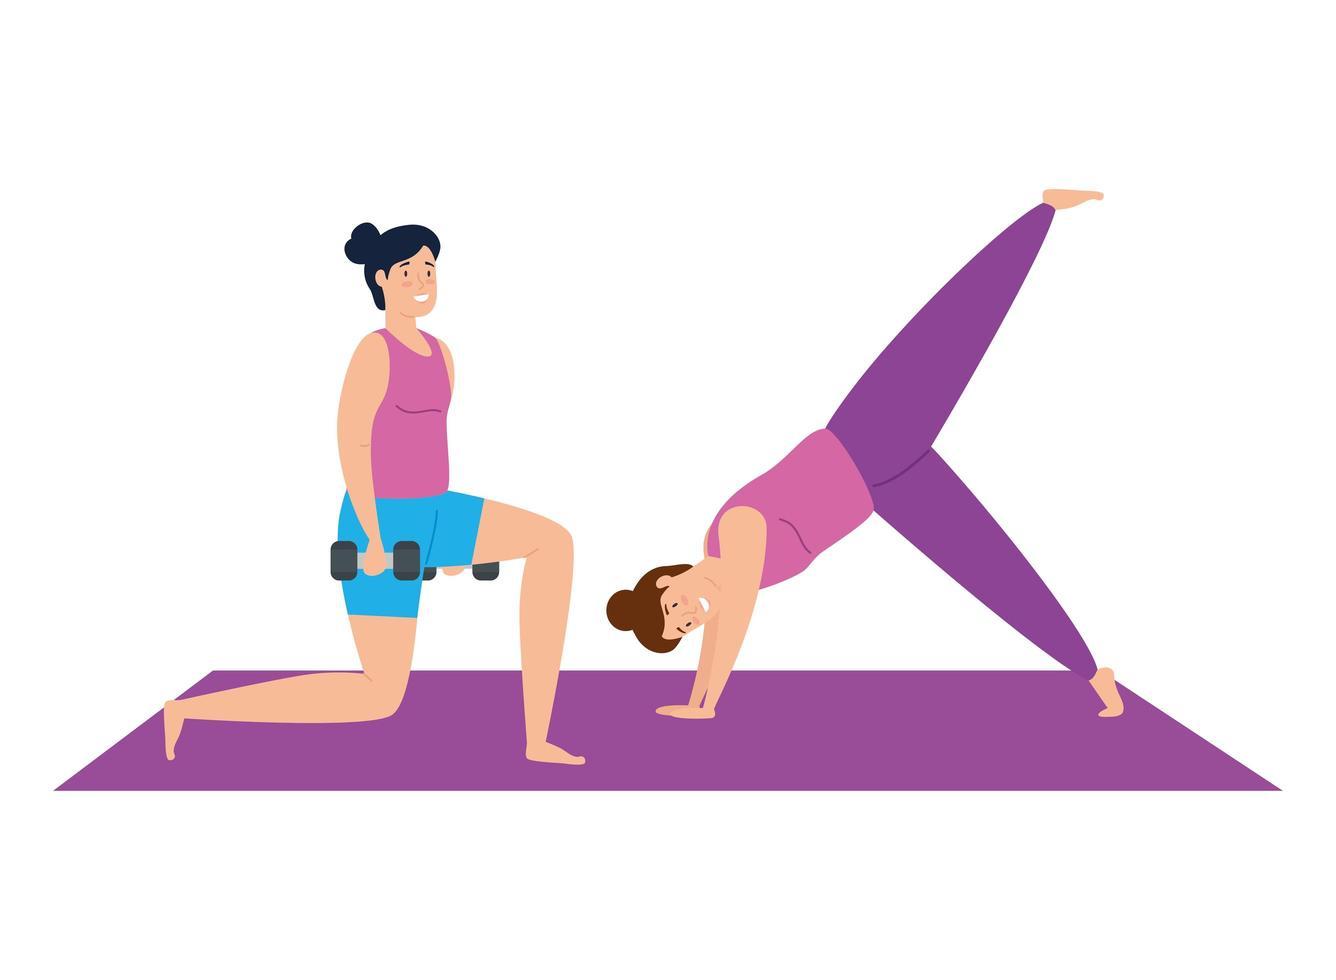 kvinnor som tränar och gör yoga tillsammans vektor